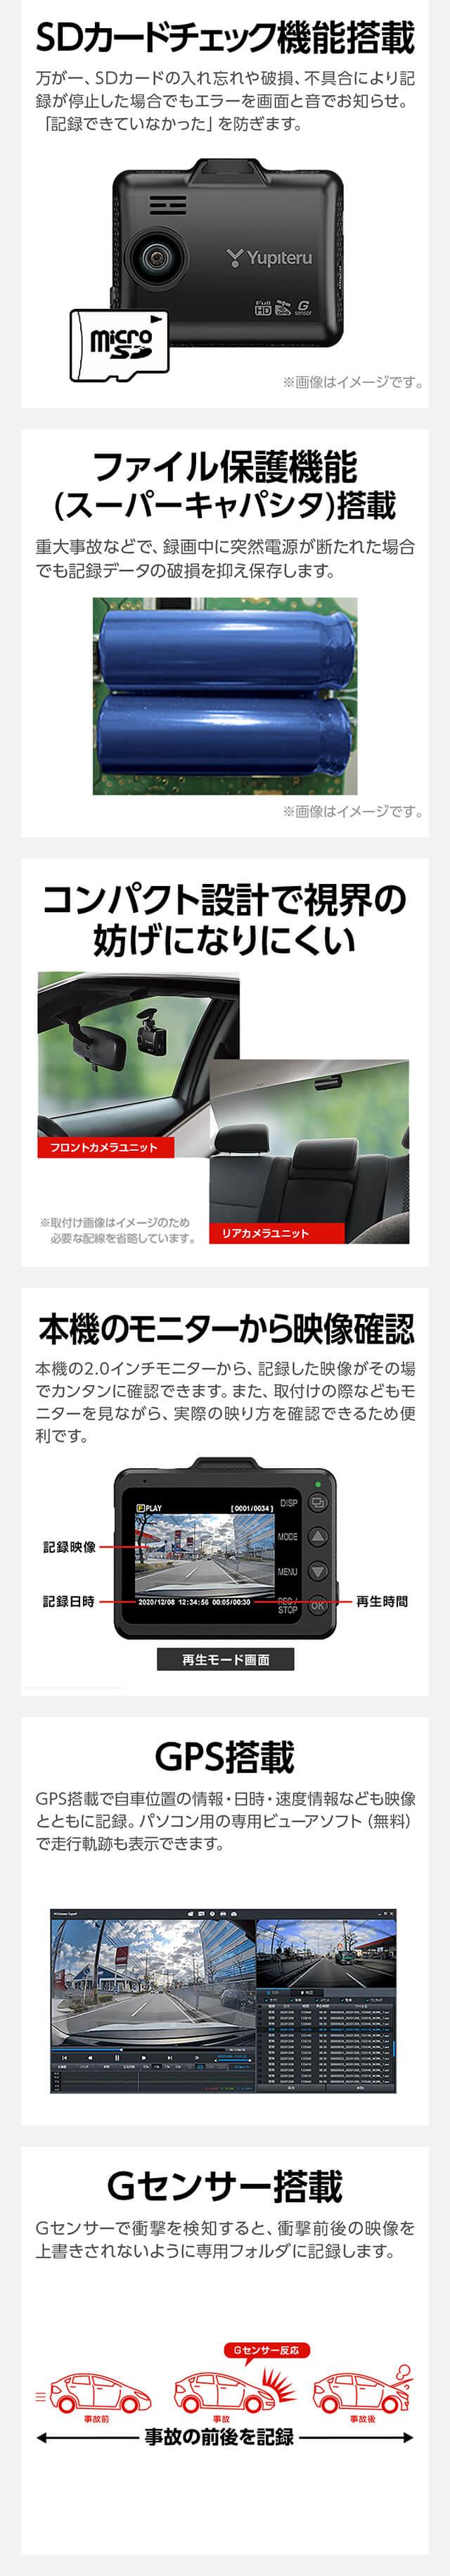 ドライブレコーダー Y-300c あおり運転検知 自動記録 夜間鮮明 超広角 FULL HD 高画質 HDR搭載